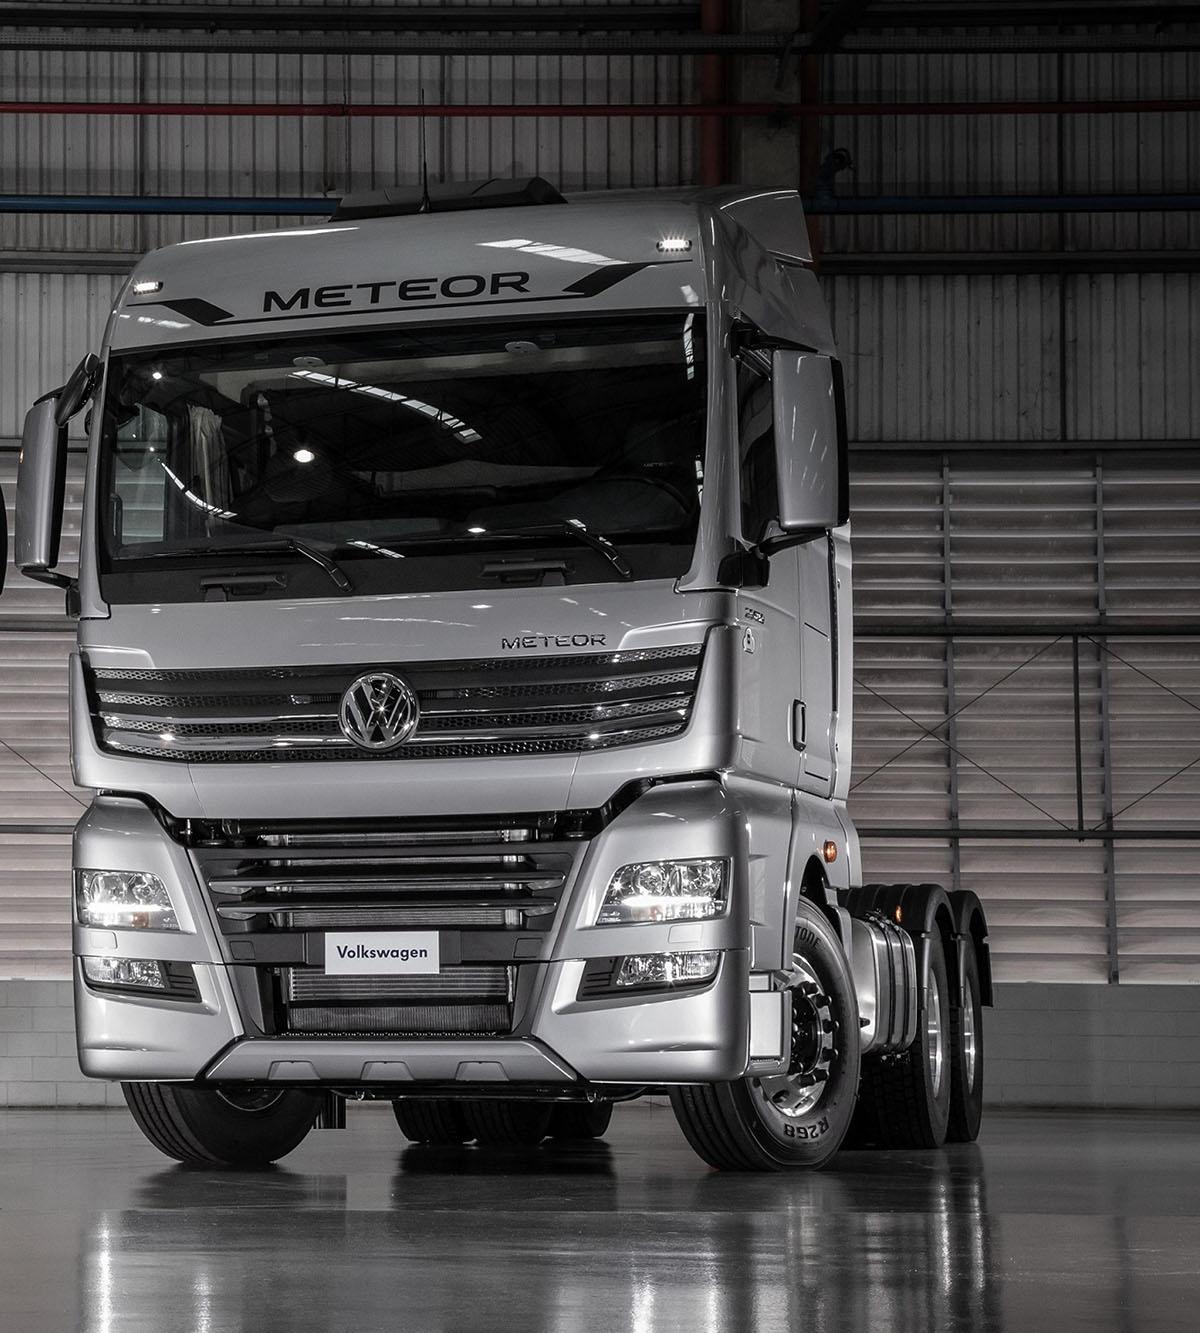 У Volkswagen появился новый Meteor 2